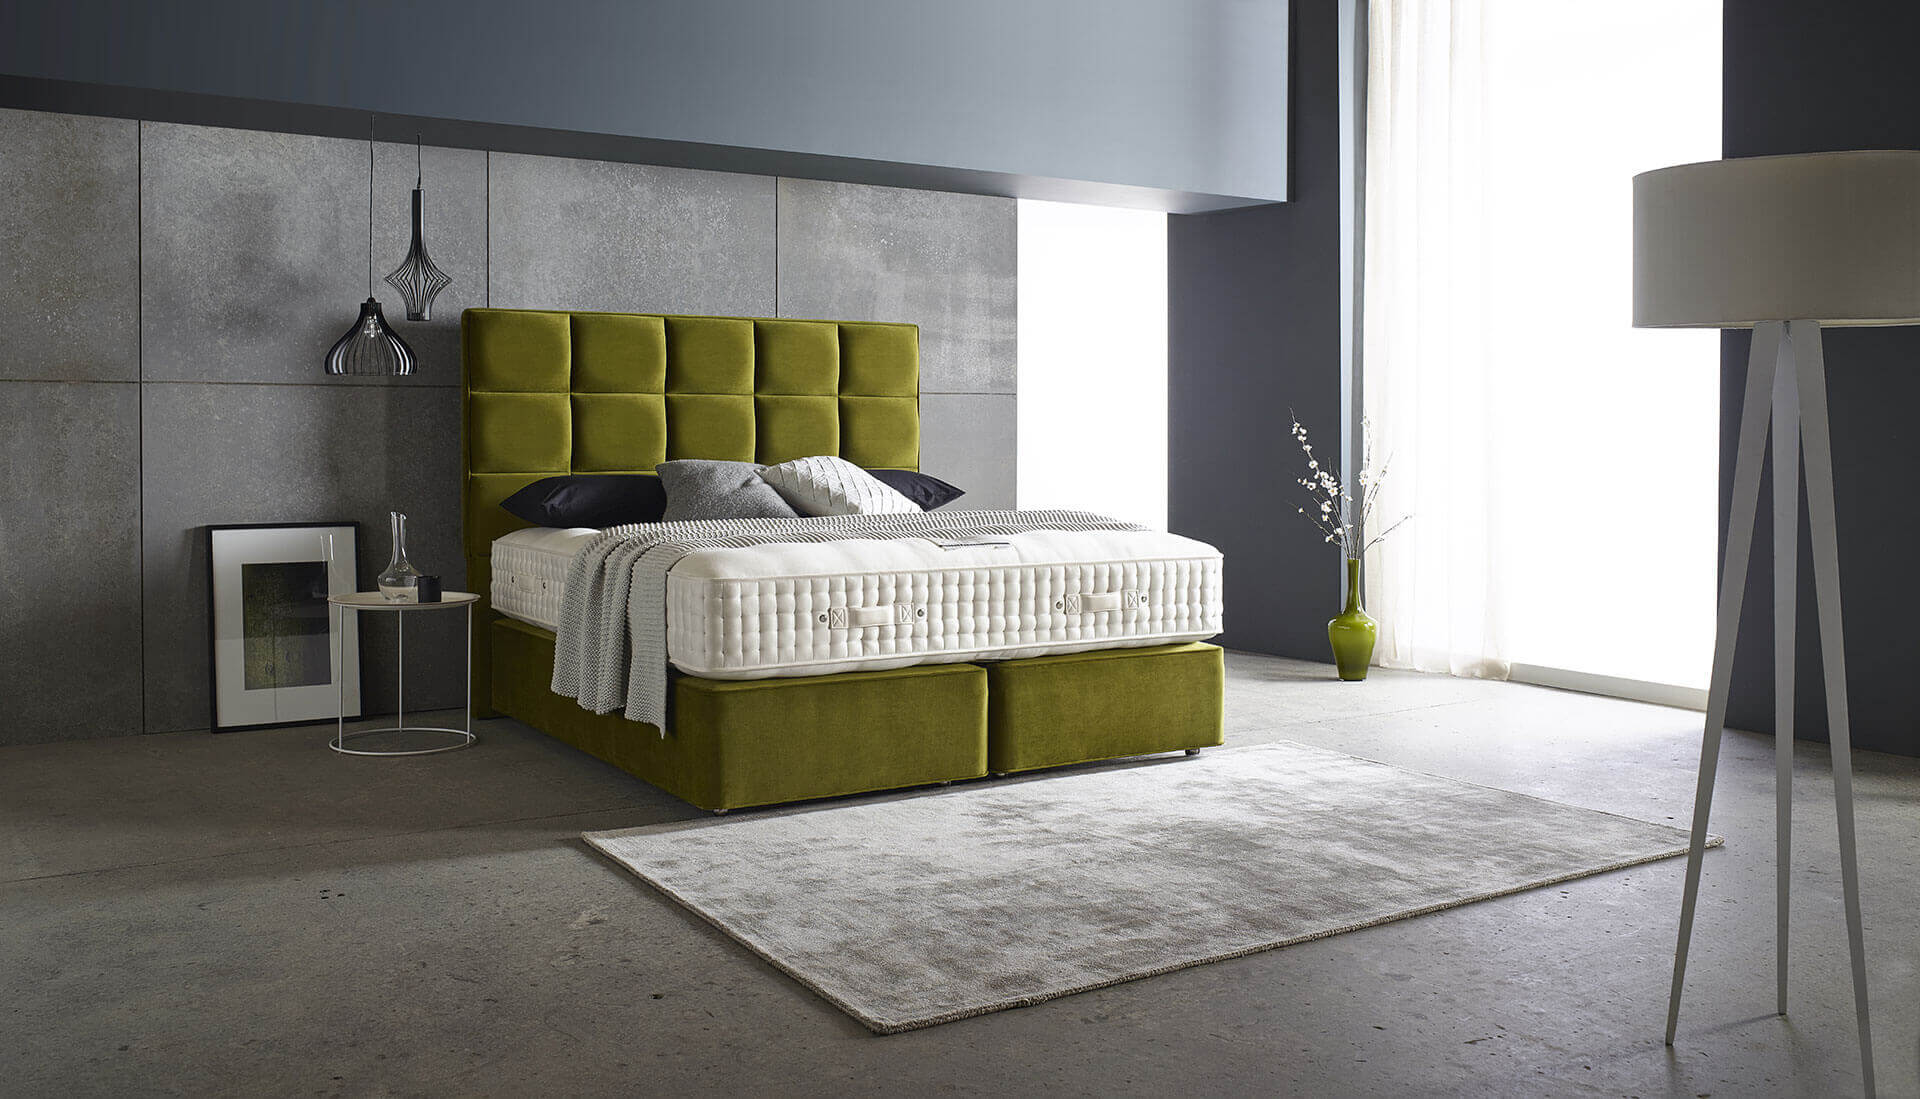 Full Size of Betten Bei Schlafkultur Lang Günstig Kaufen Ruf Preise Köln Hasena Oschmann Meise Amazon 180x200 Paradies Bett Somnus Betten